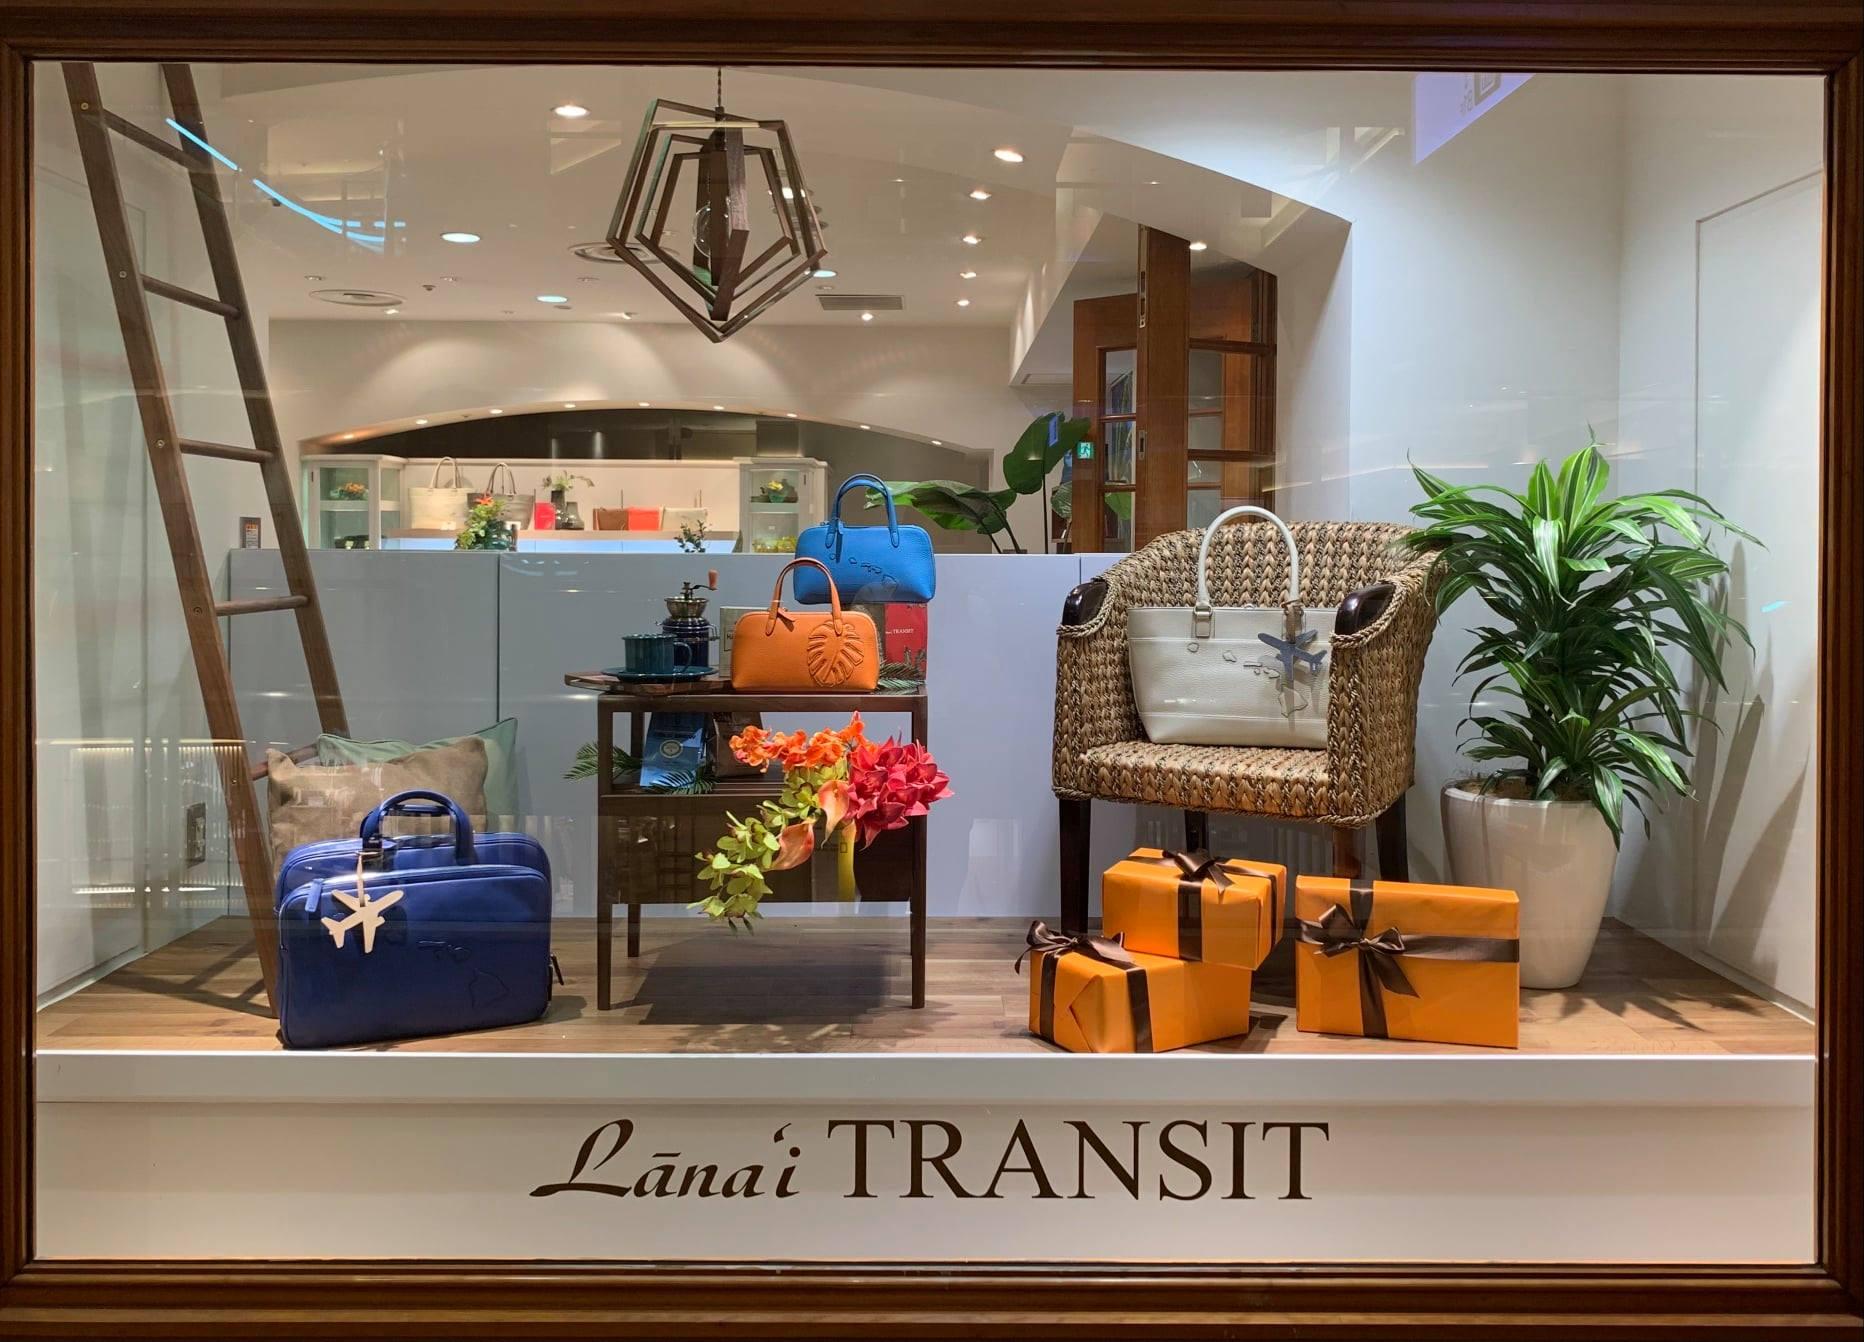 ラナイ トランジット/Lanai Transit